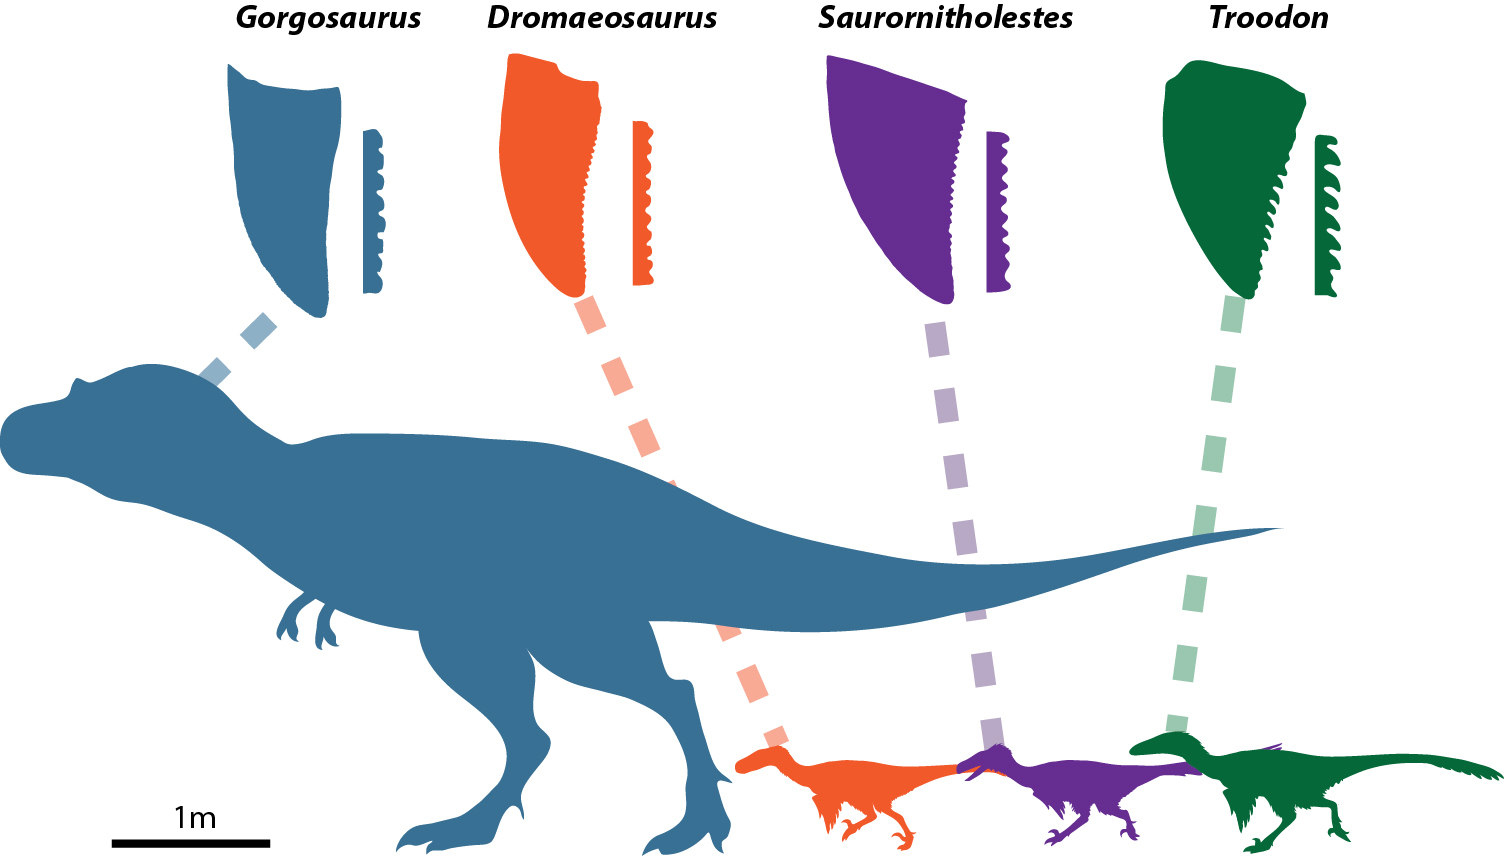 """Cuatro especies diferentes de dinosaurio terópodo y sus diversas formaciones dentales (Victoria Arbour. Revista """"Current Biology"""")"""